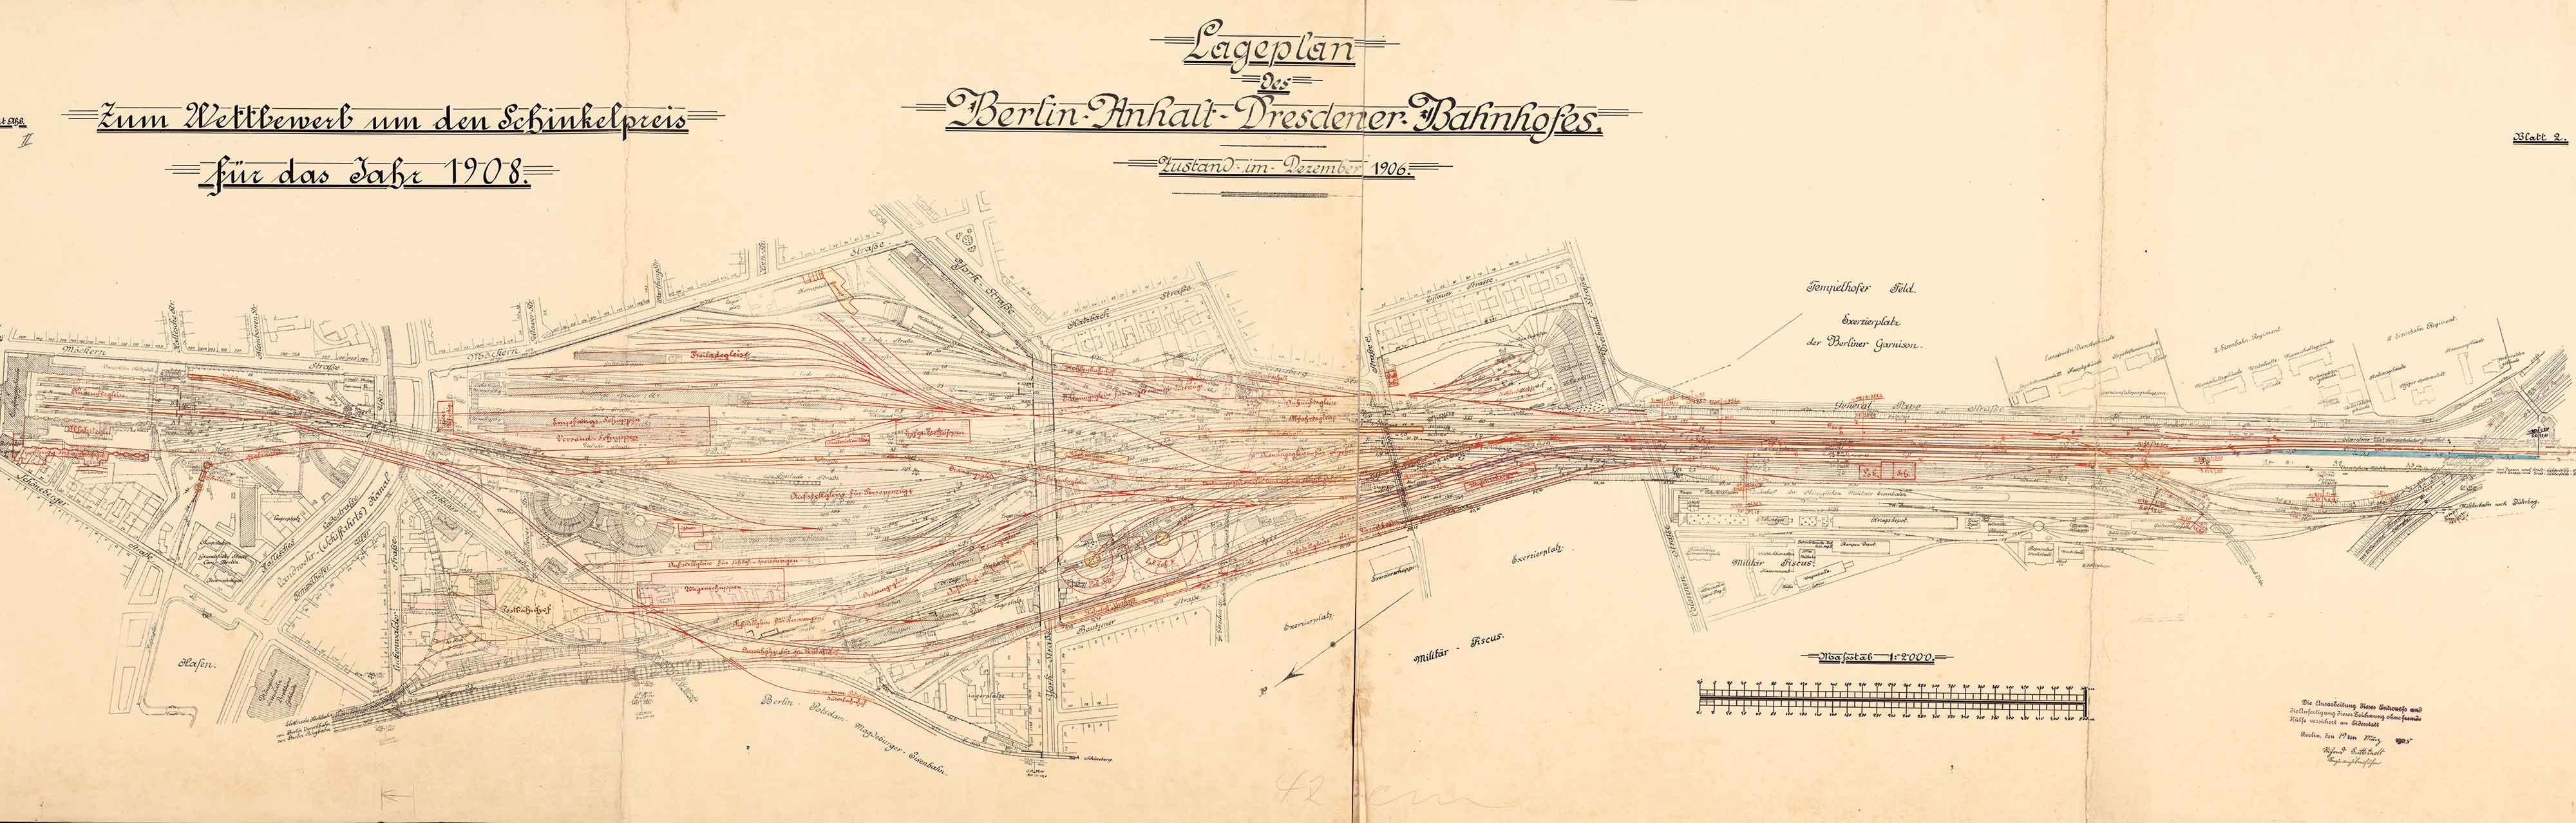 Erweiterung und Umgestaltung des Anhalter Bahnhofs, Schinkelwettbewerb 1908